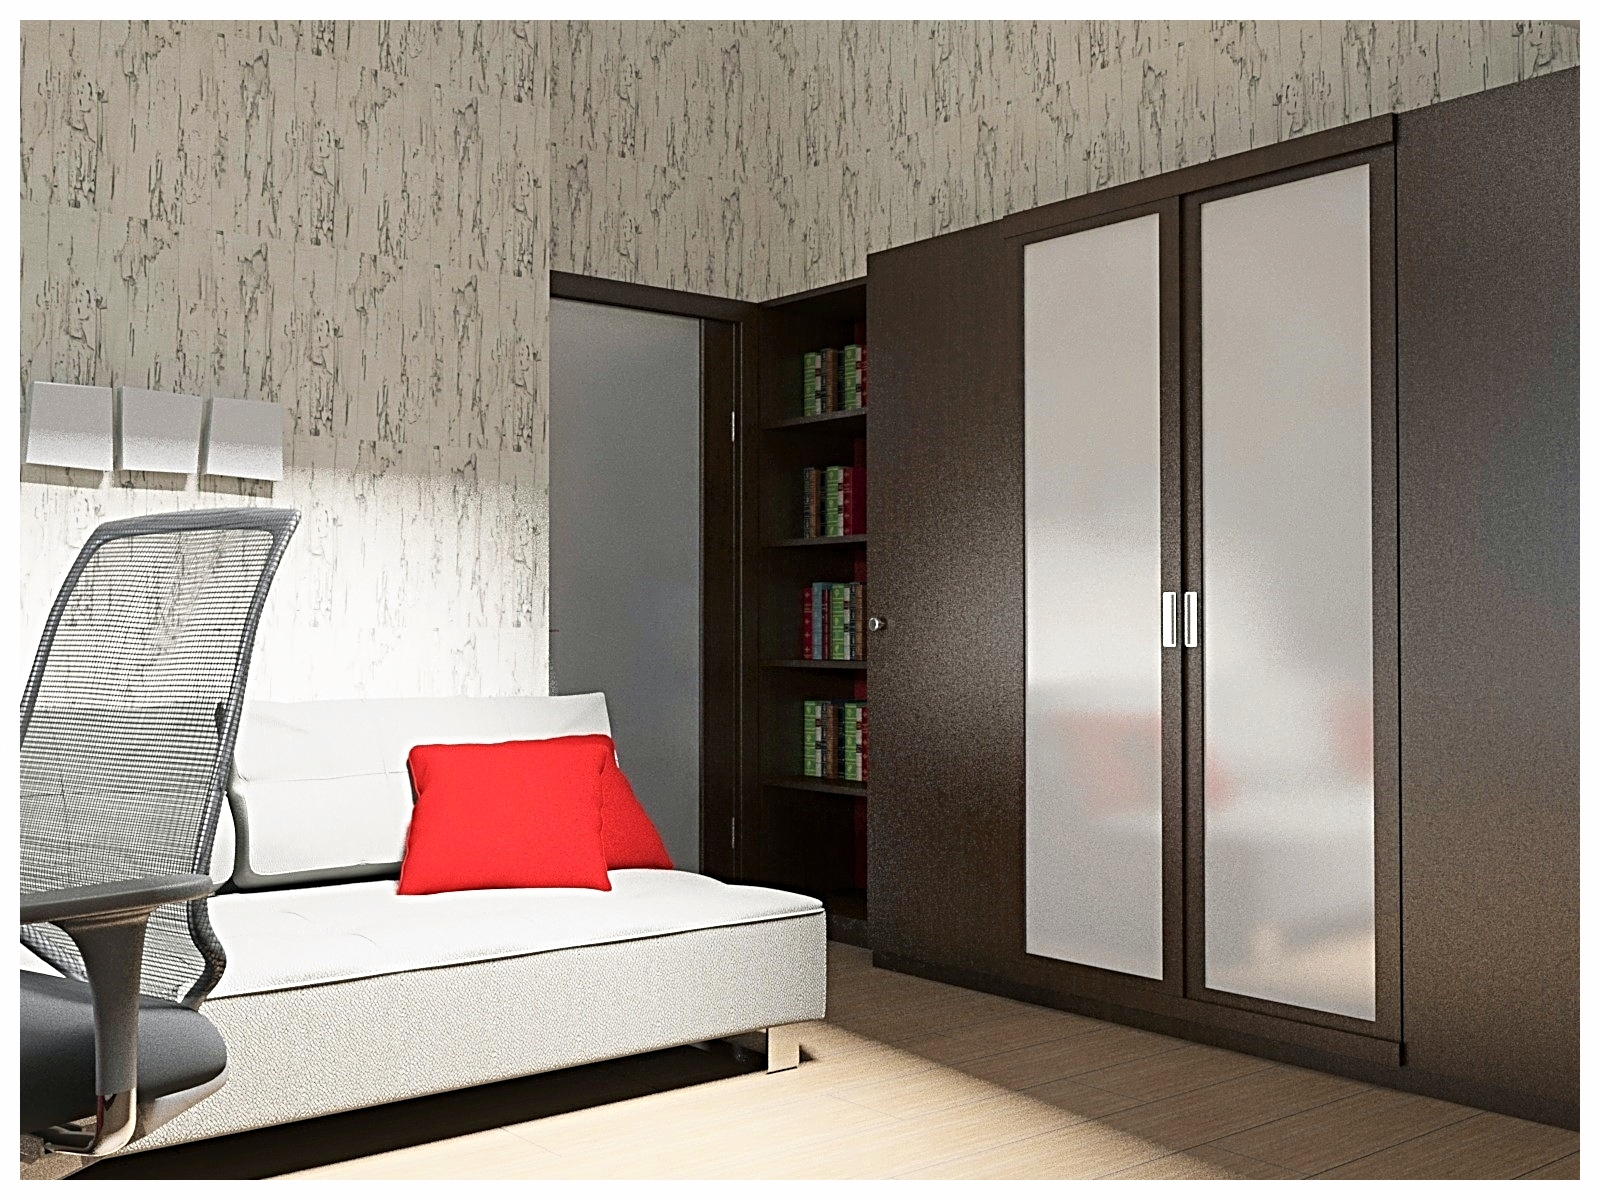 Дизайн интерьеров дома. Комната подростка 1.